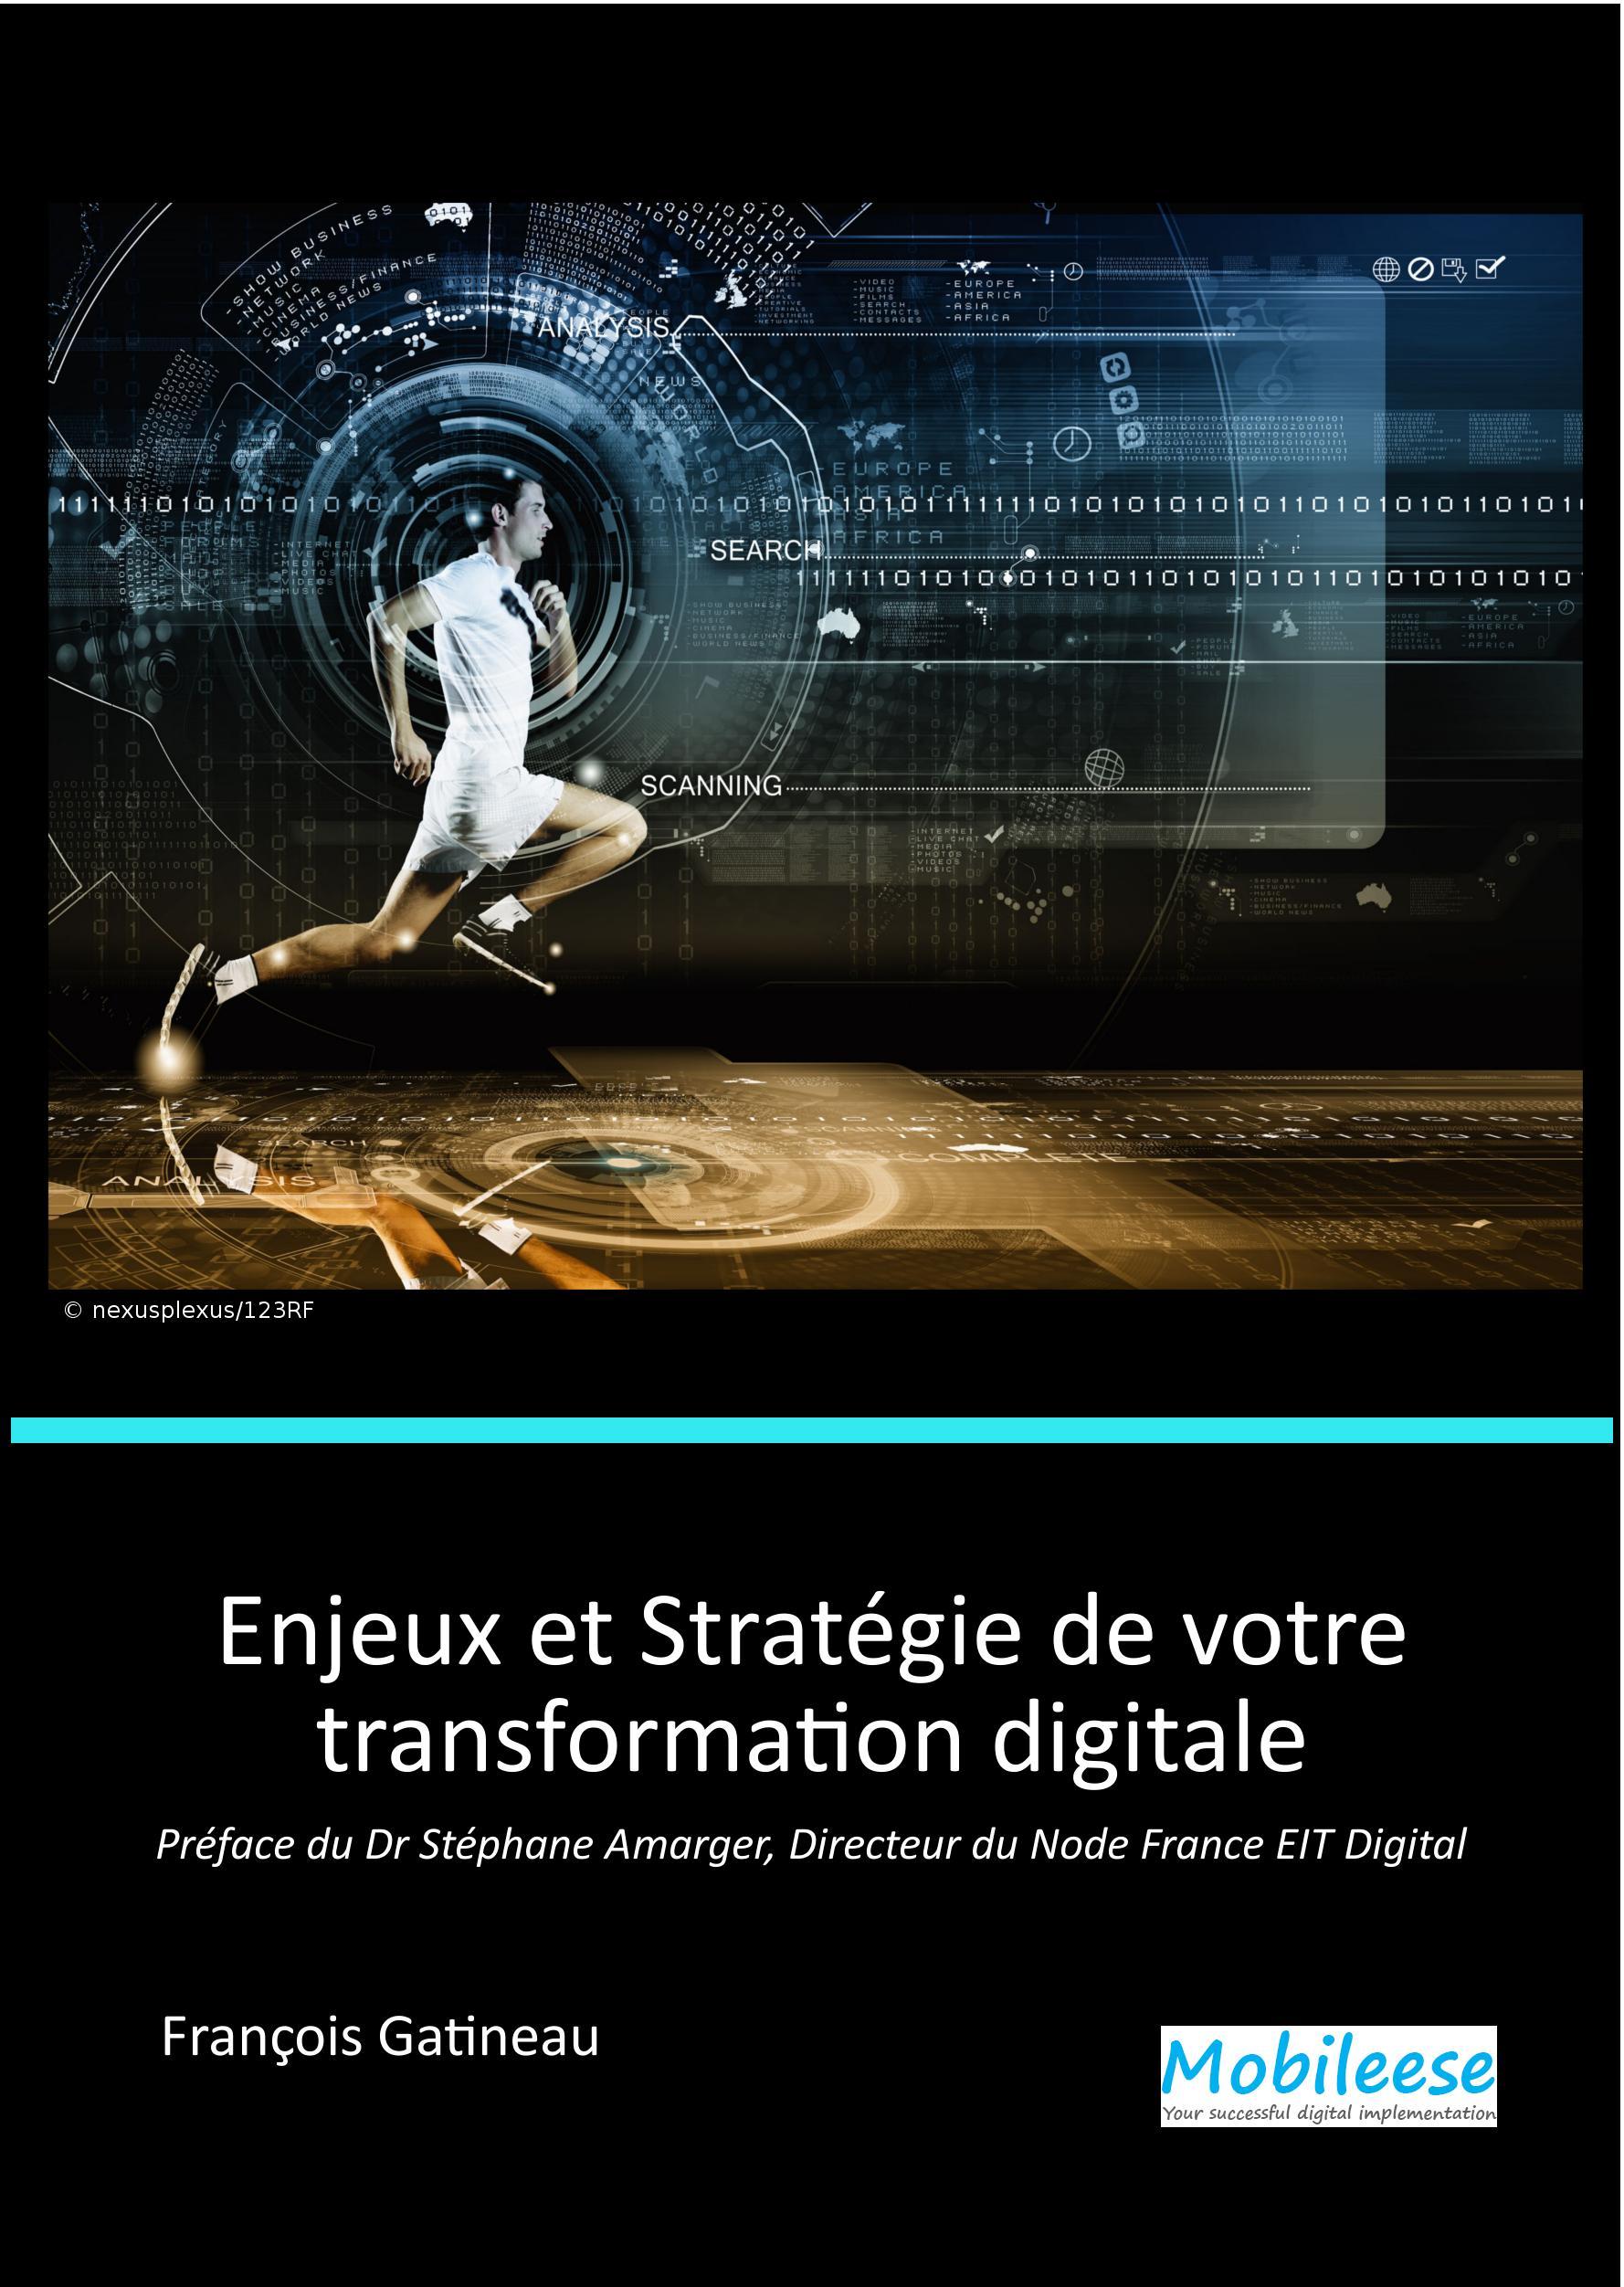 Enjeux et Stratégie de votre transformation digitale